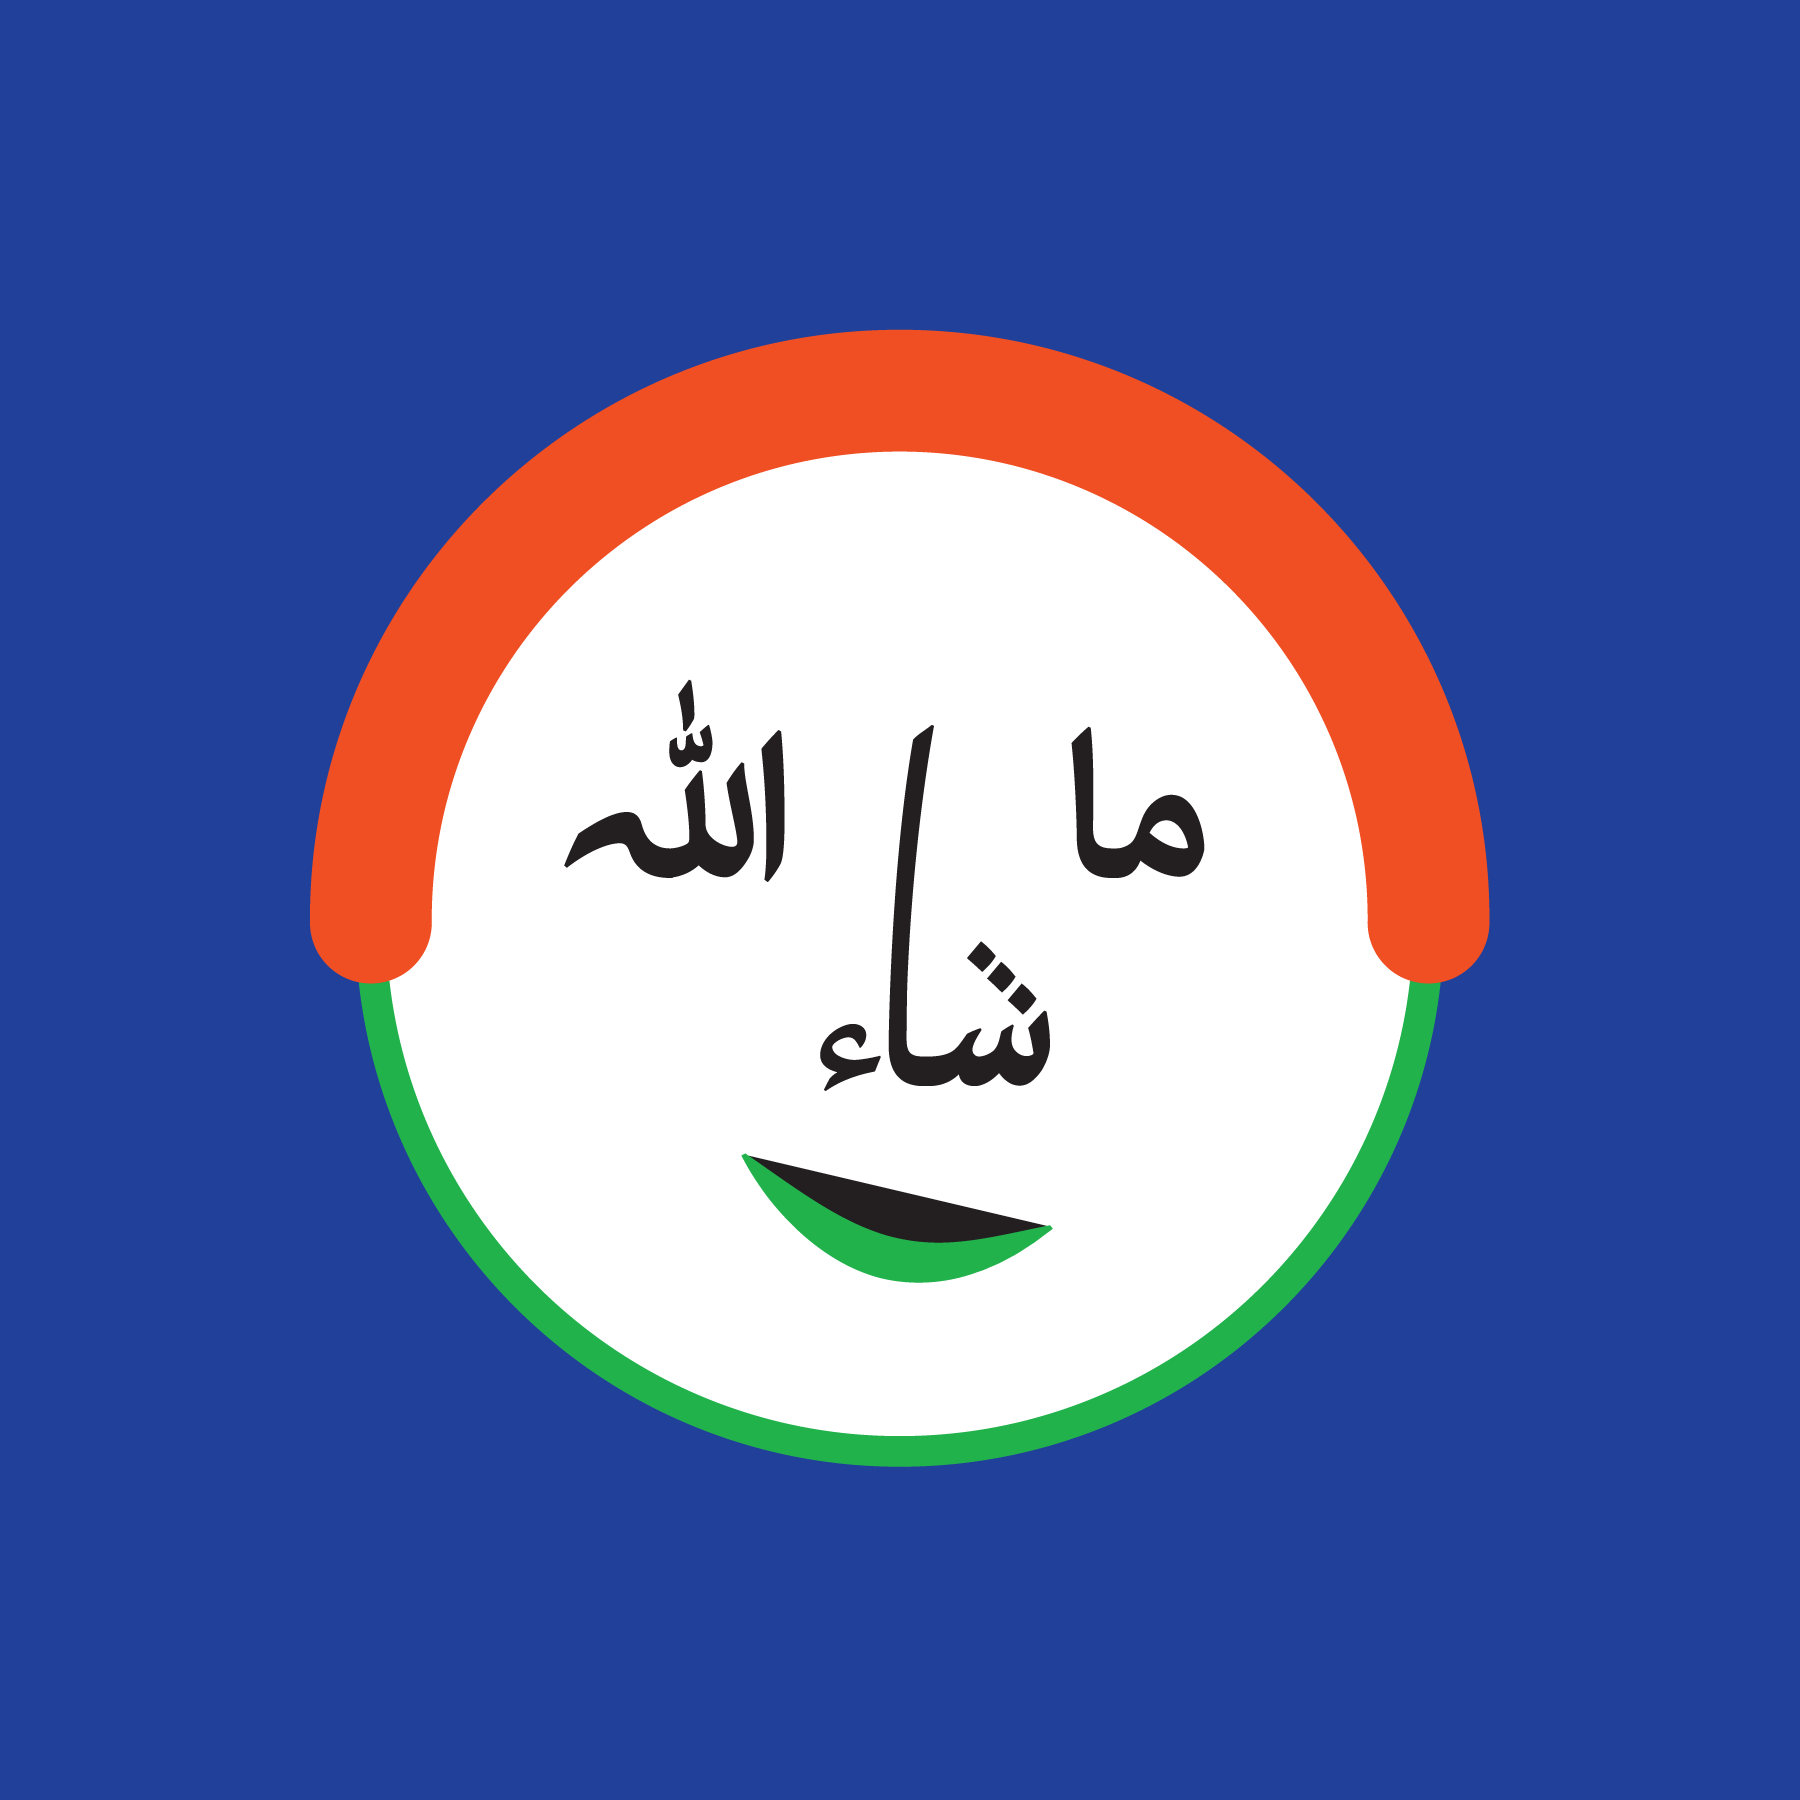 - MashallahMost often translated as